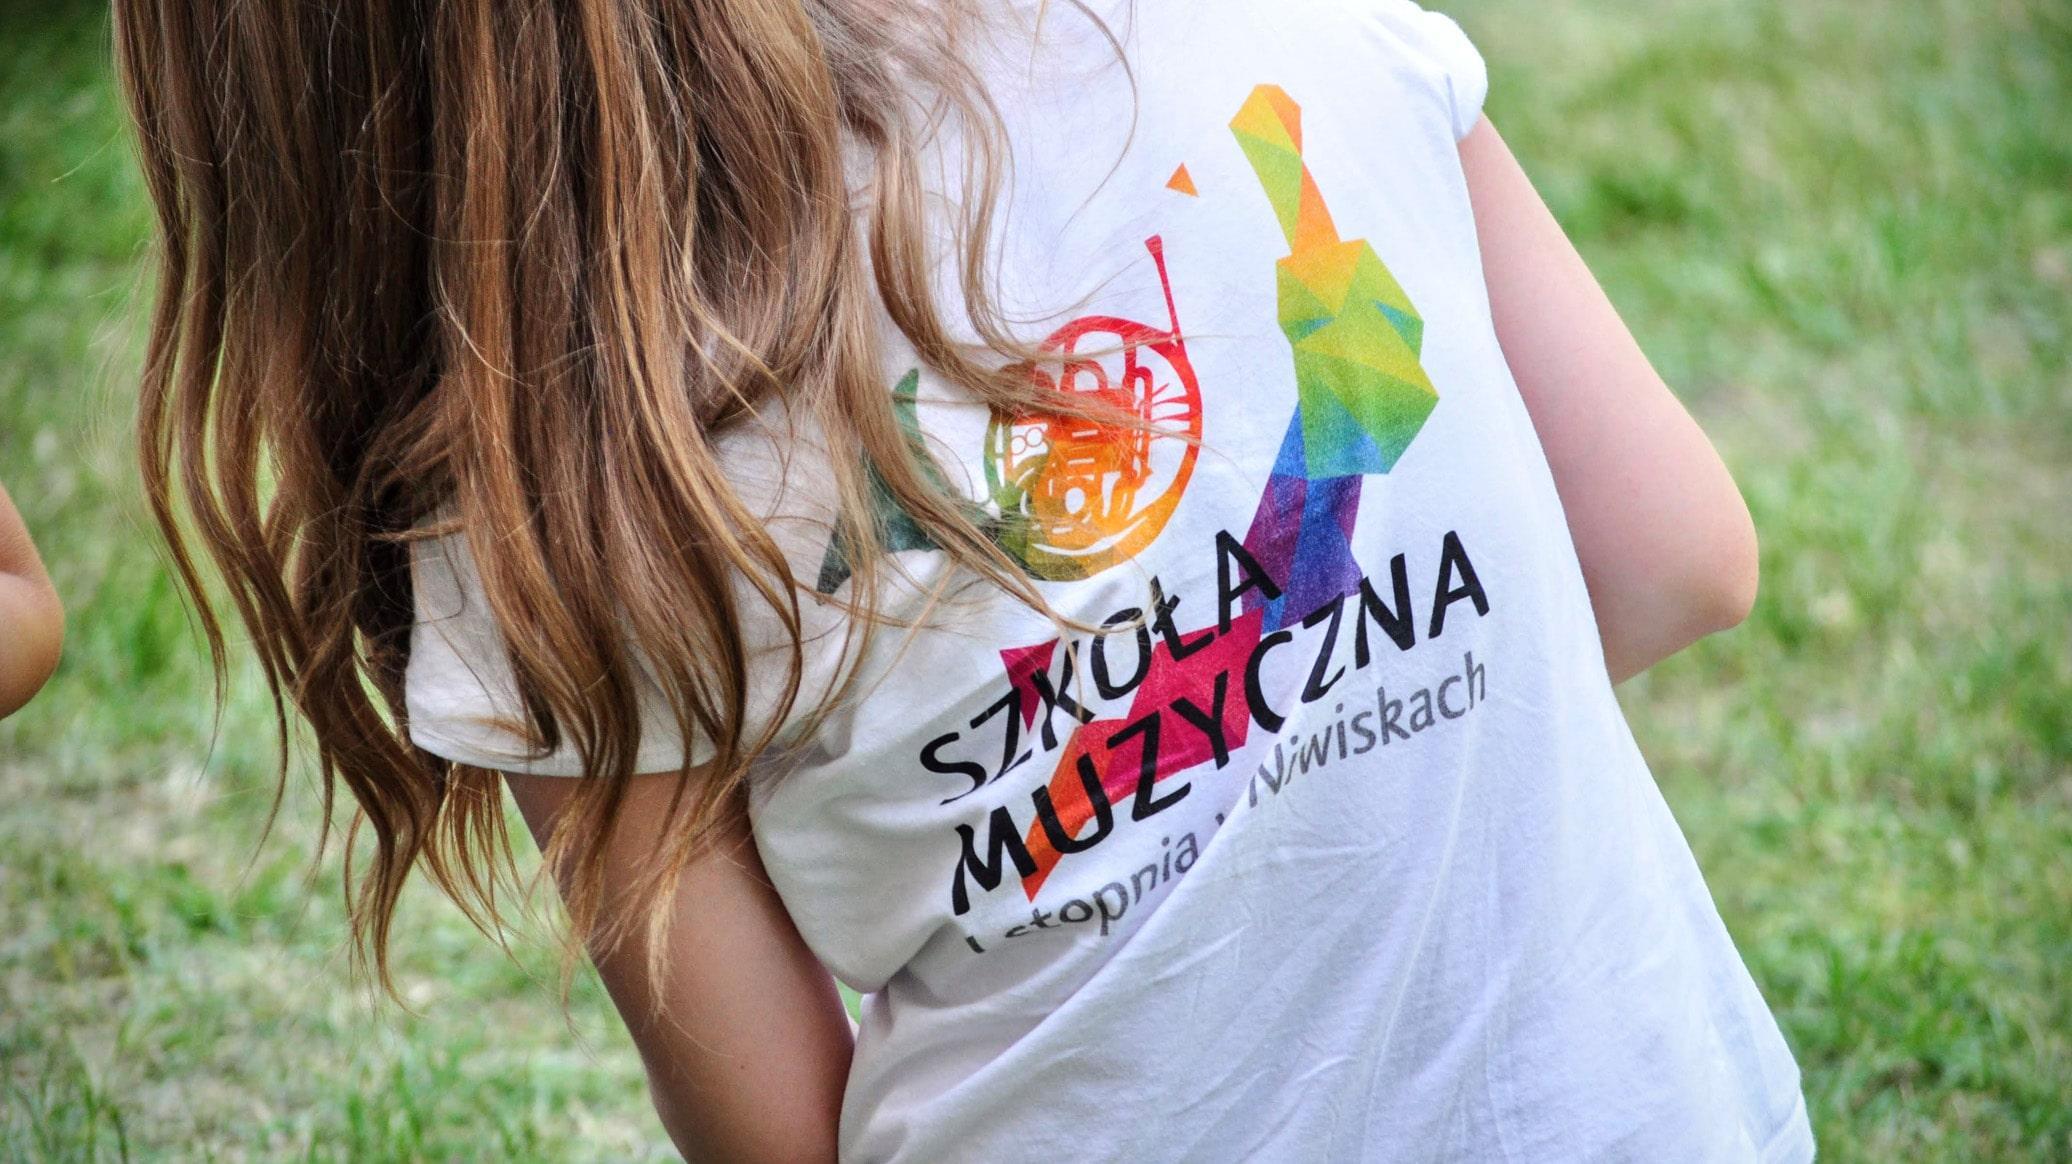 Trwa nabór uczniów do Szkoły Muzycznej I stopnia w Niwiskach [WIDEO] - Zdjęcie główne